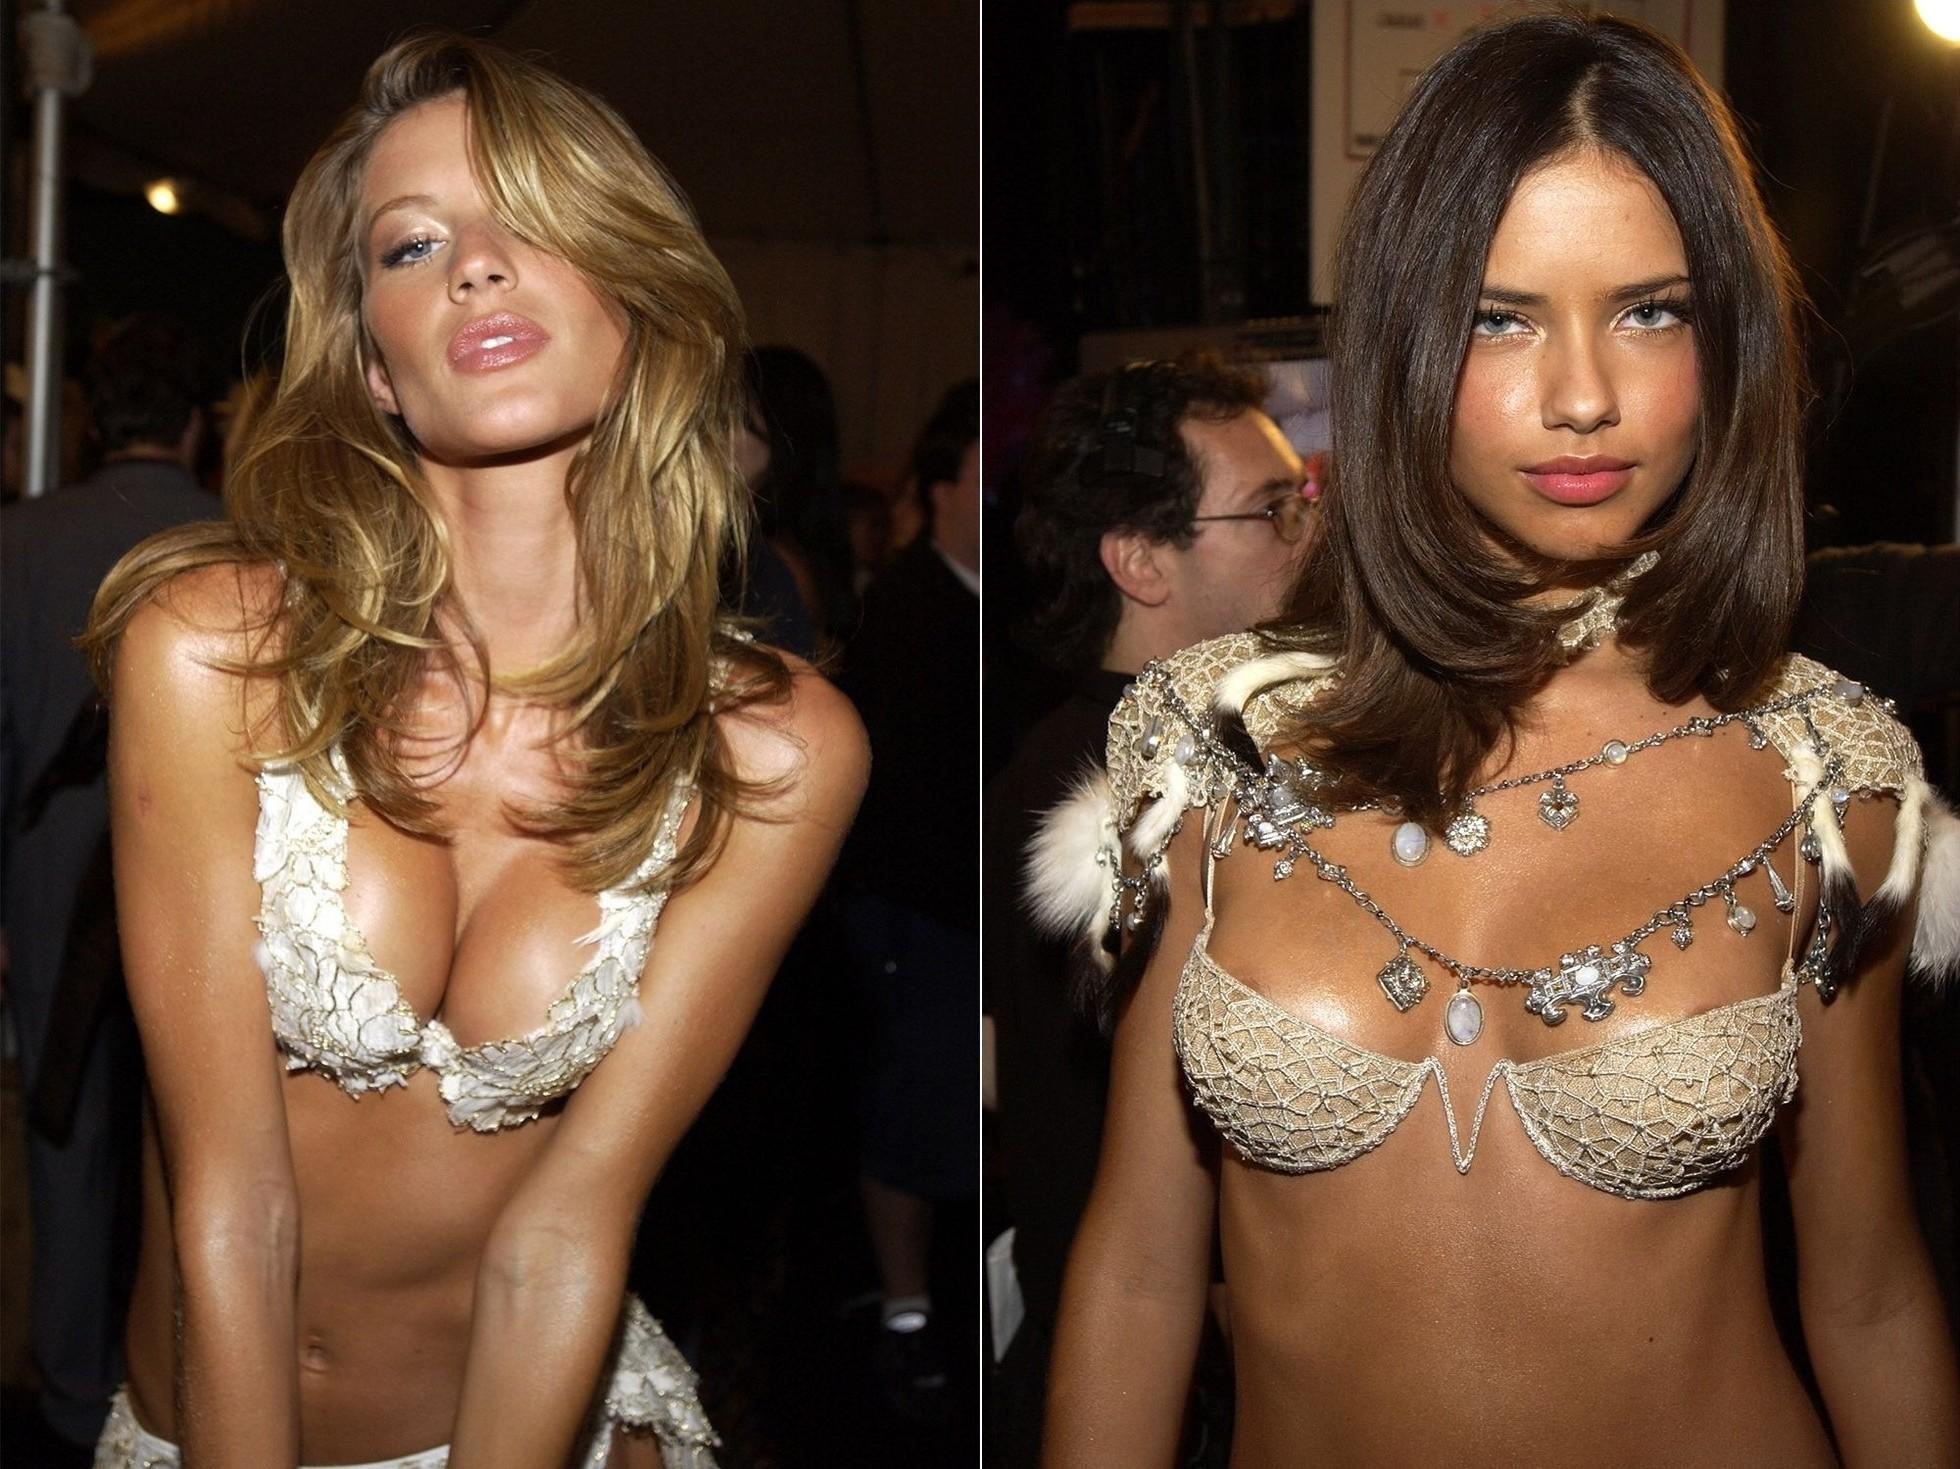 Cách makeup của thiên thần Victorias Secret 2 thập kỷ qua: luôn đơn giản, tự nhiên nhưng sexy đến tột cùng - Ảnh 7.